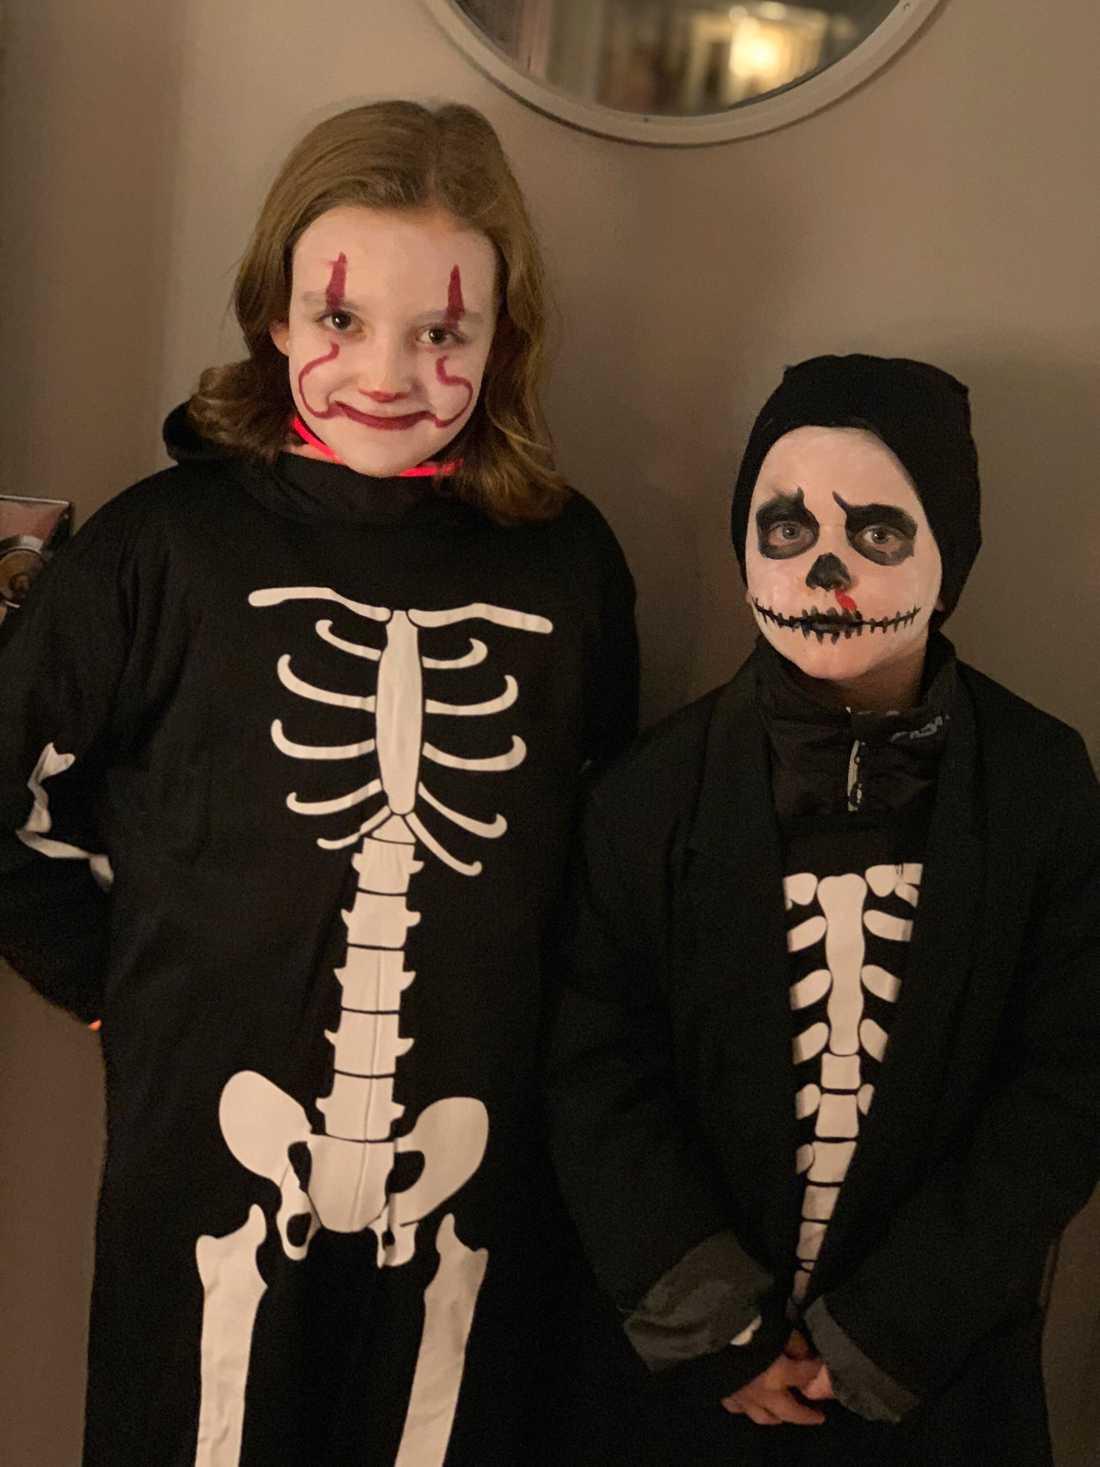 Sally, 10, och William, 8, samlar in pengar till cancerforskning.